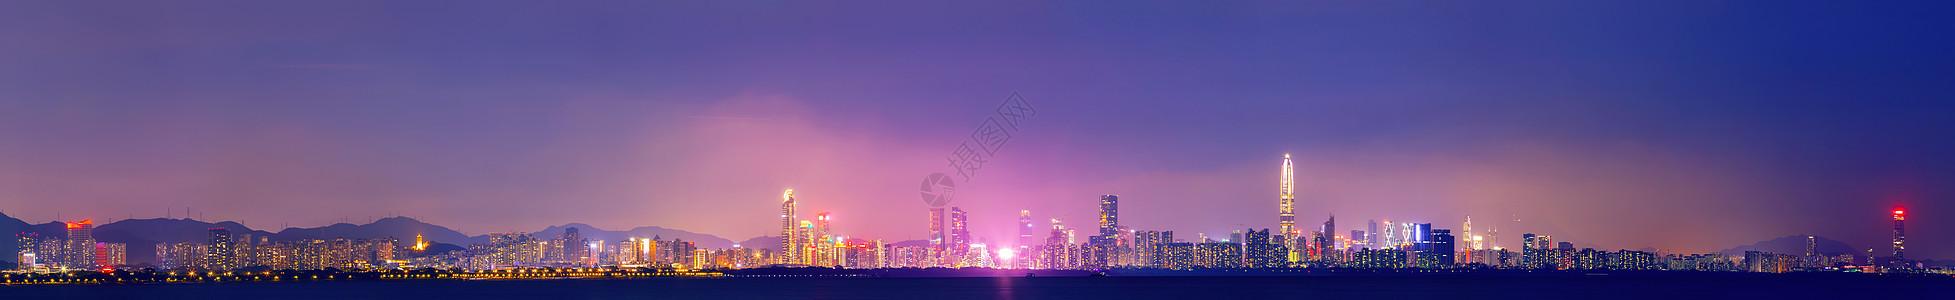 城市地平线夜景风光图片